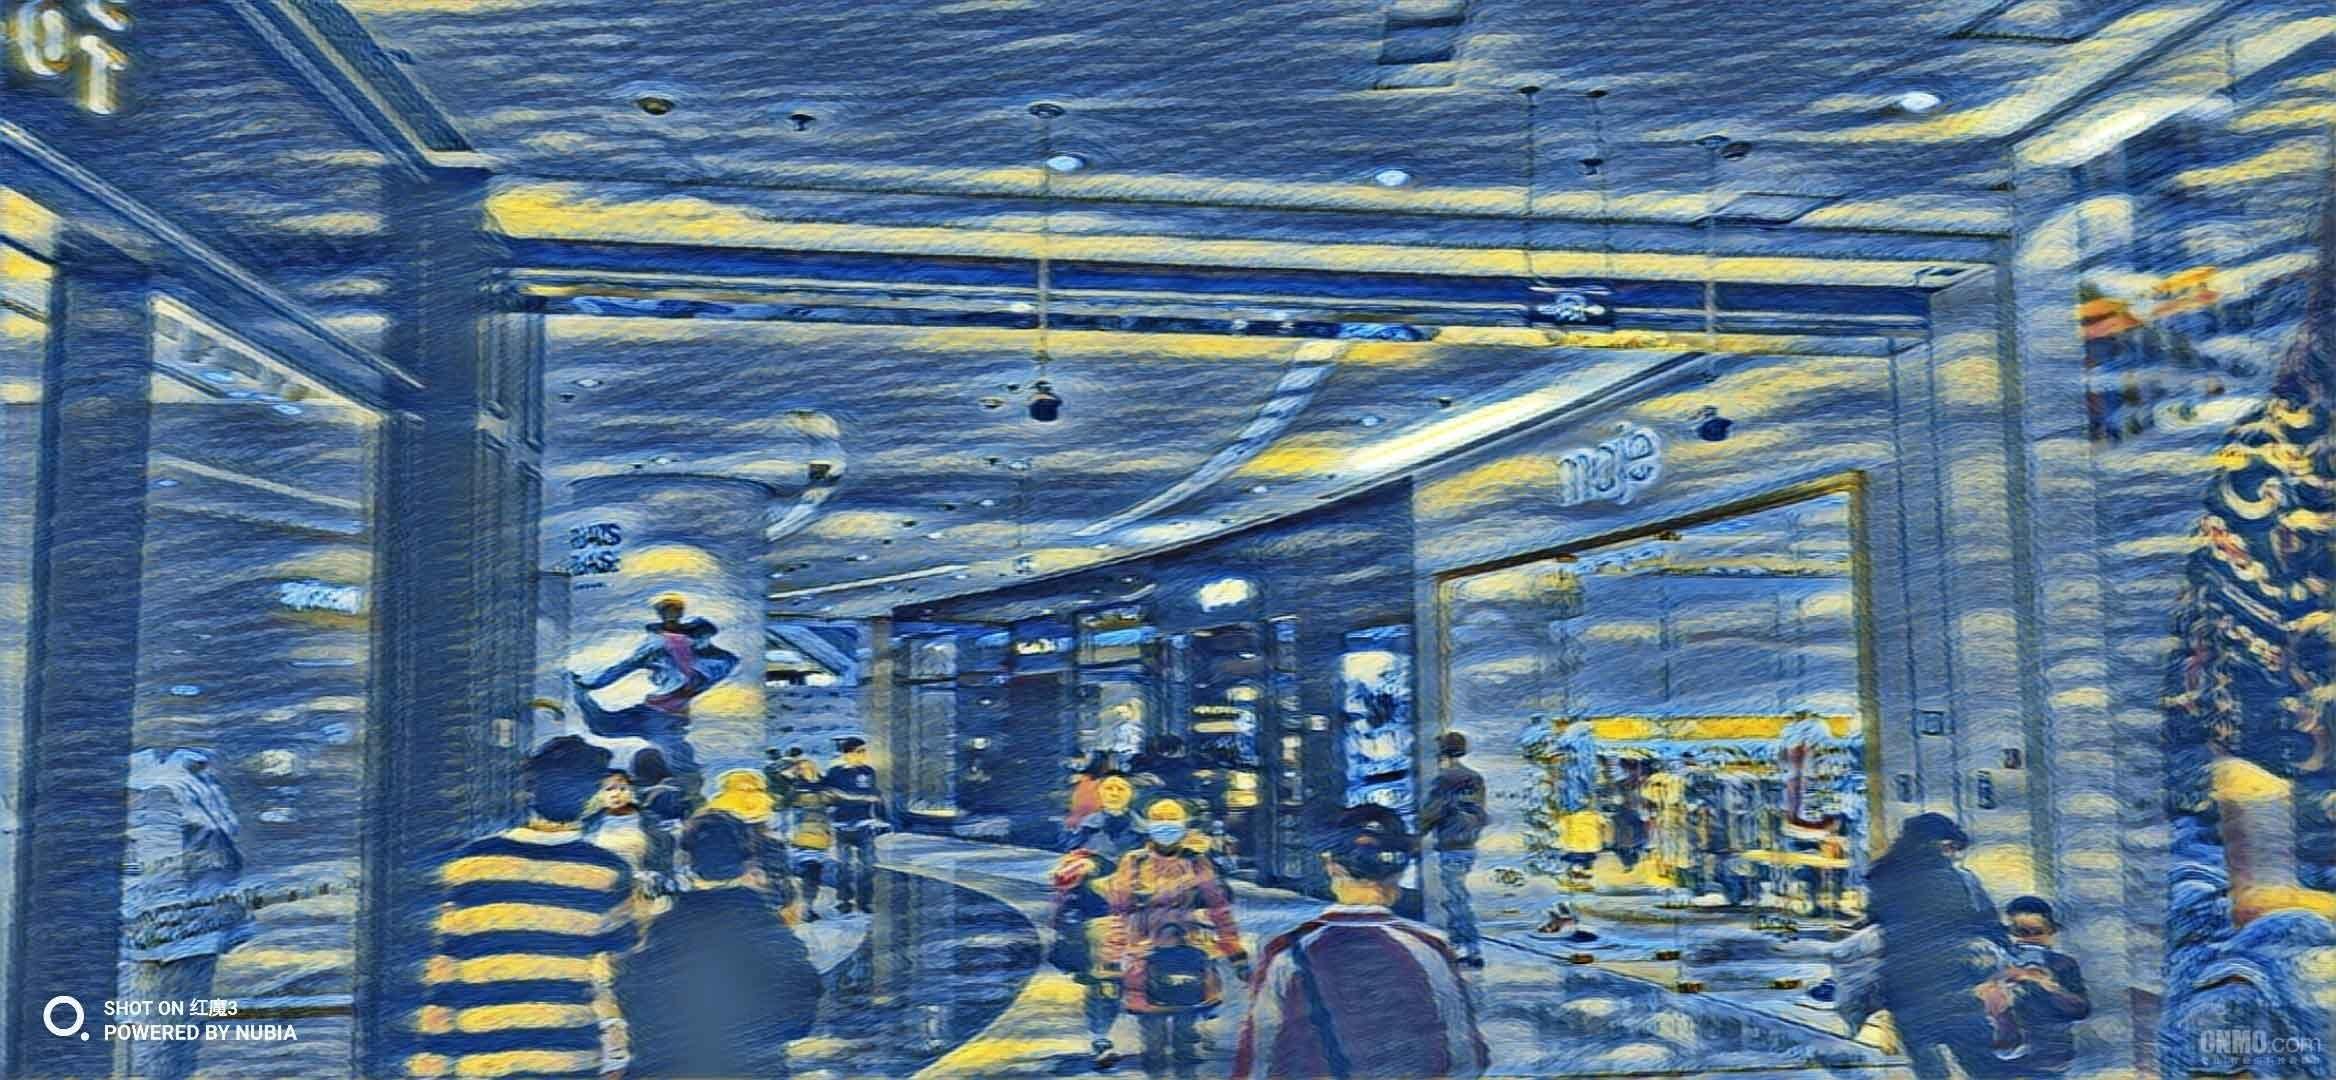 努比亚红魔3电竞手机(12+256GB)手机拍照出来的影像图第2张